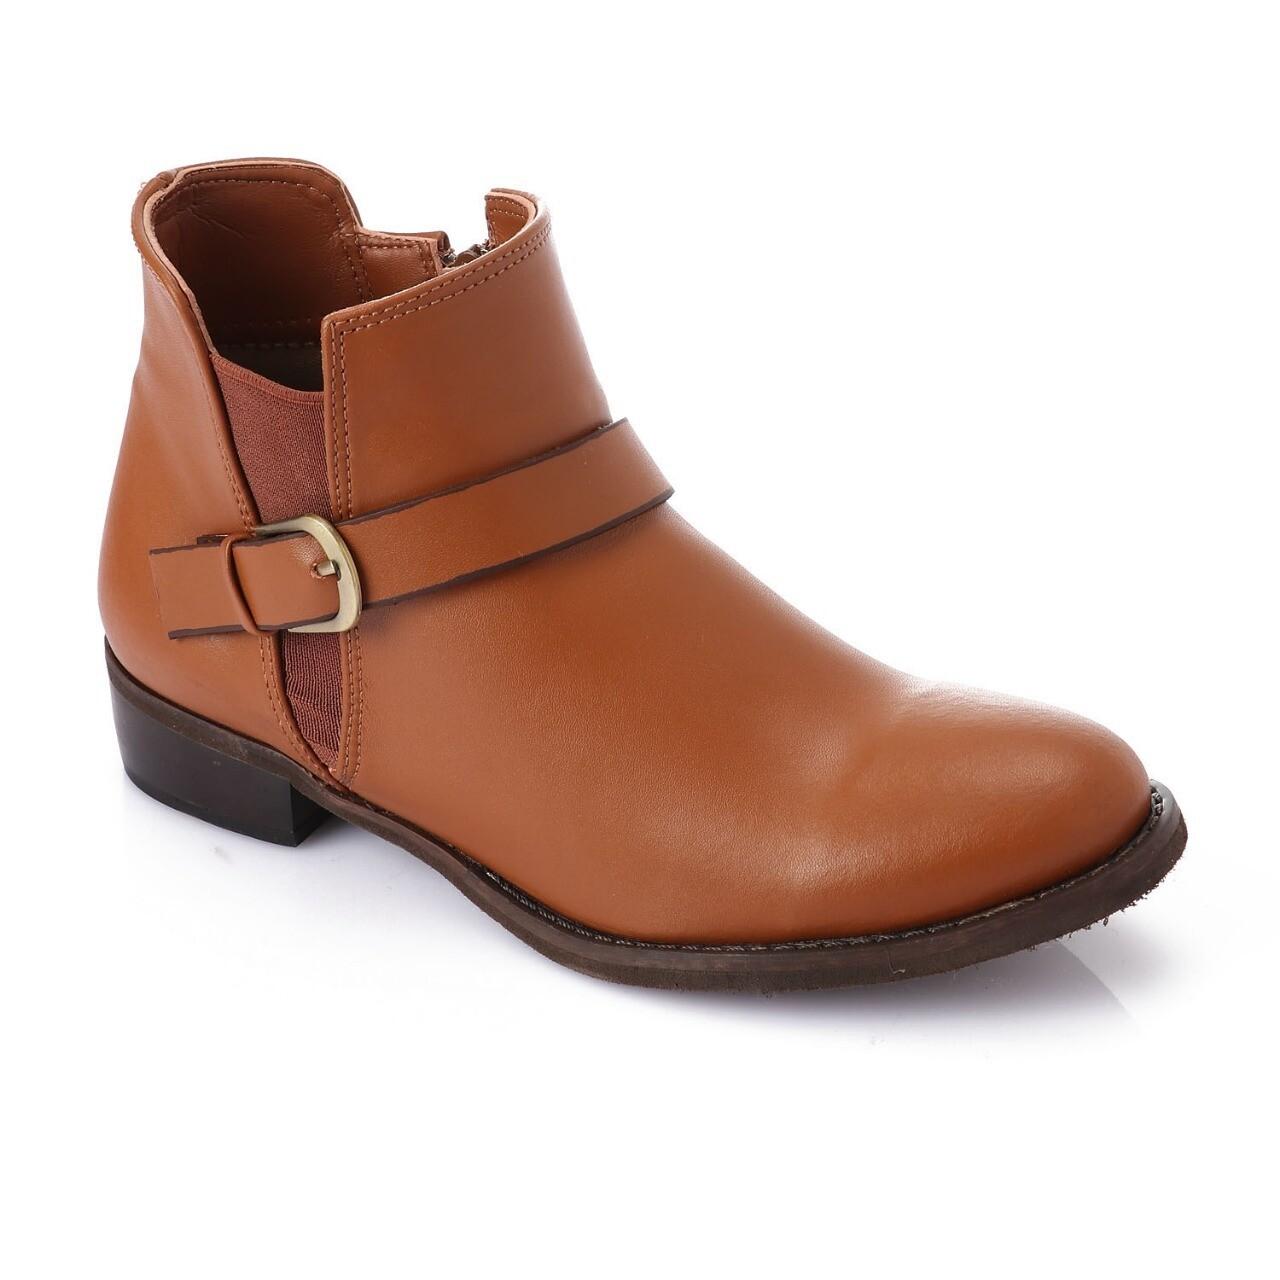 3741 Half Boot - Havan